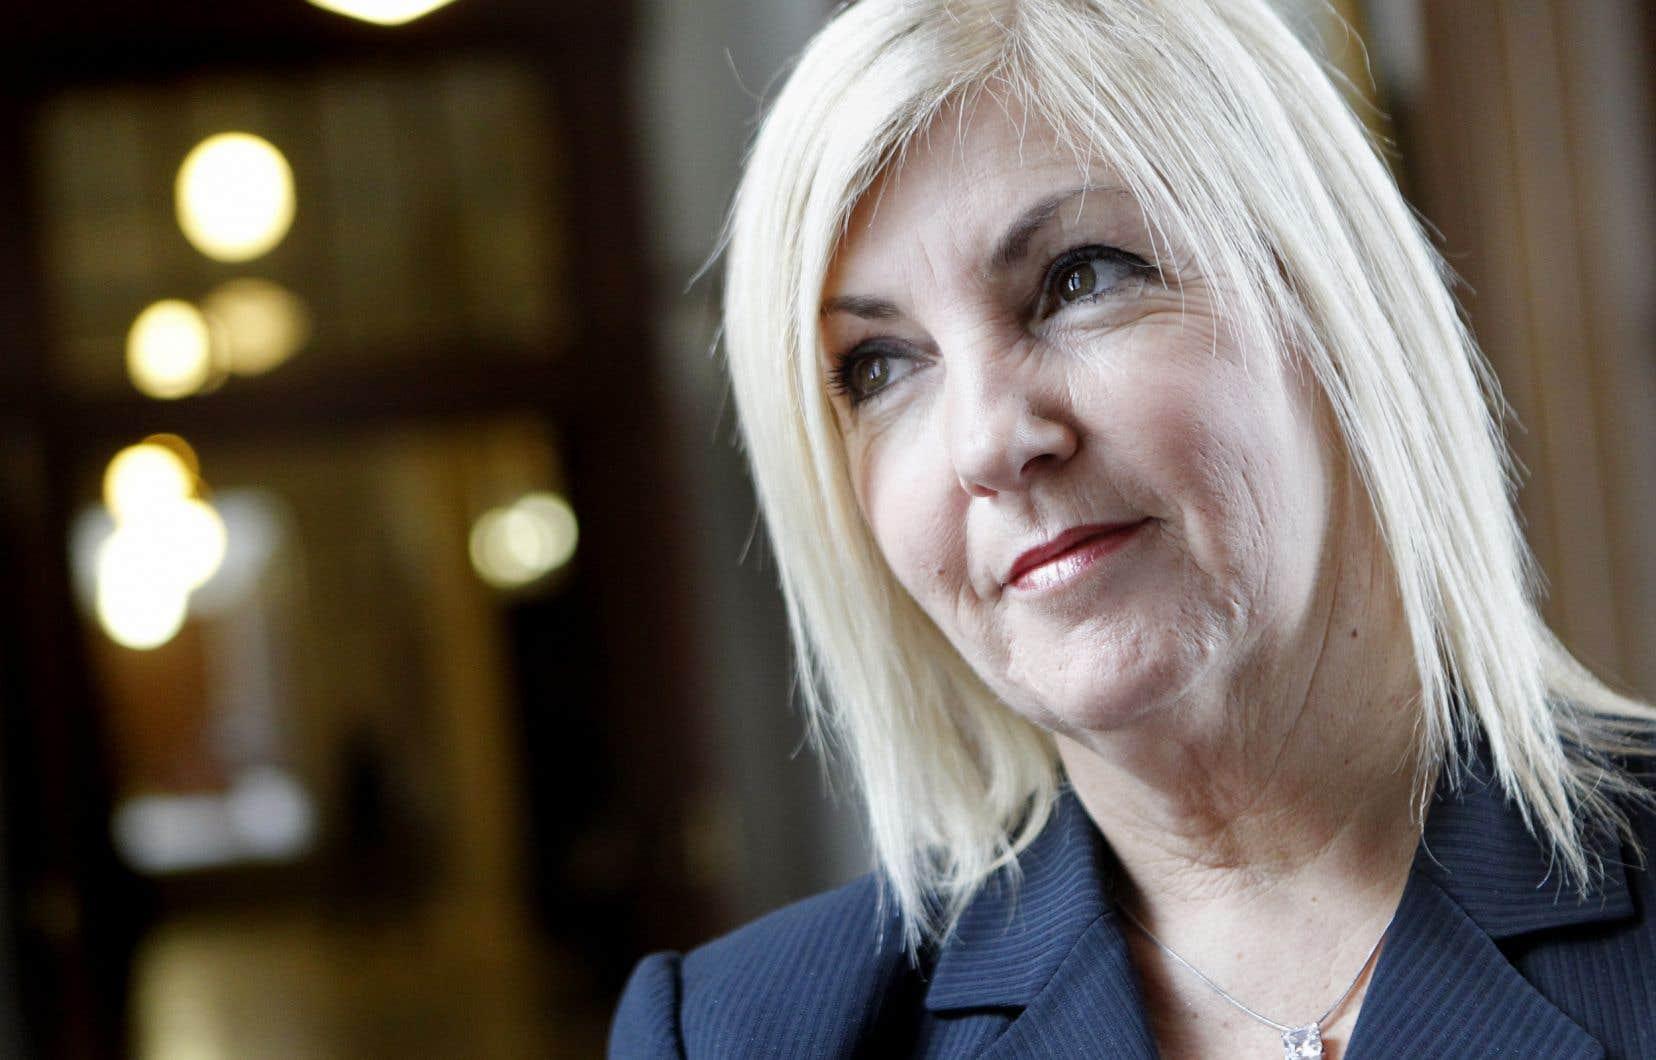 La députée Maryse Gaudreault préside le groupe de travail chargé d'étudier les questions de harcèlement à l'Assemblée nationale.